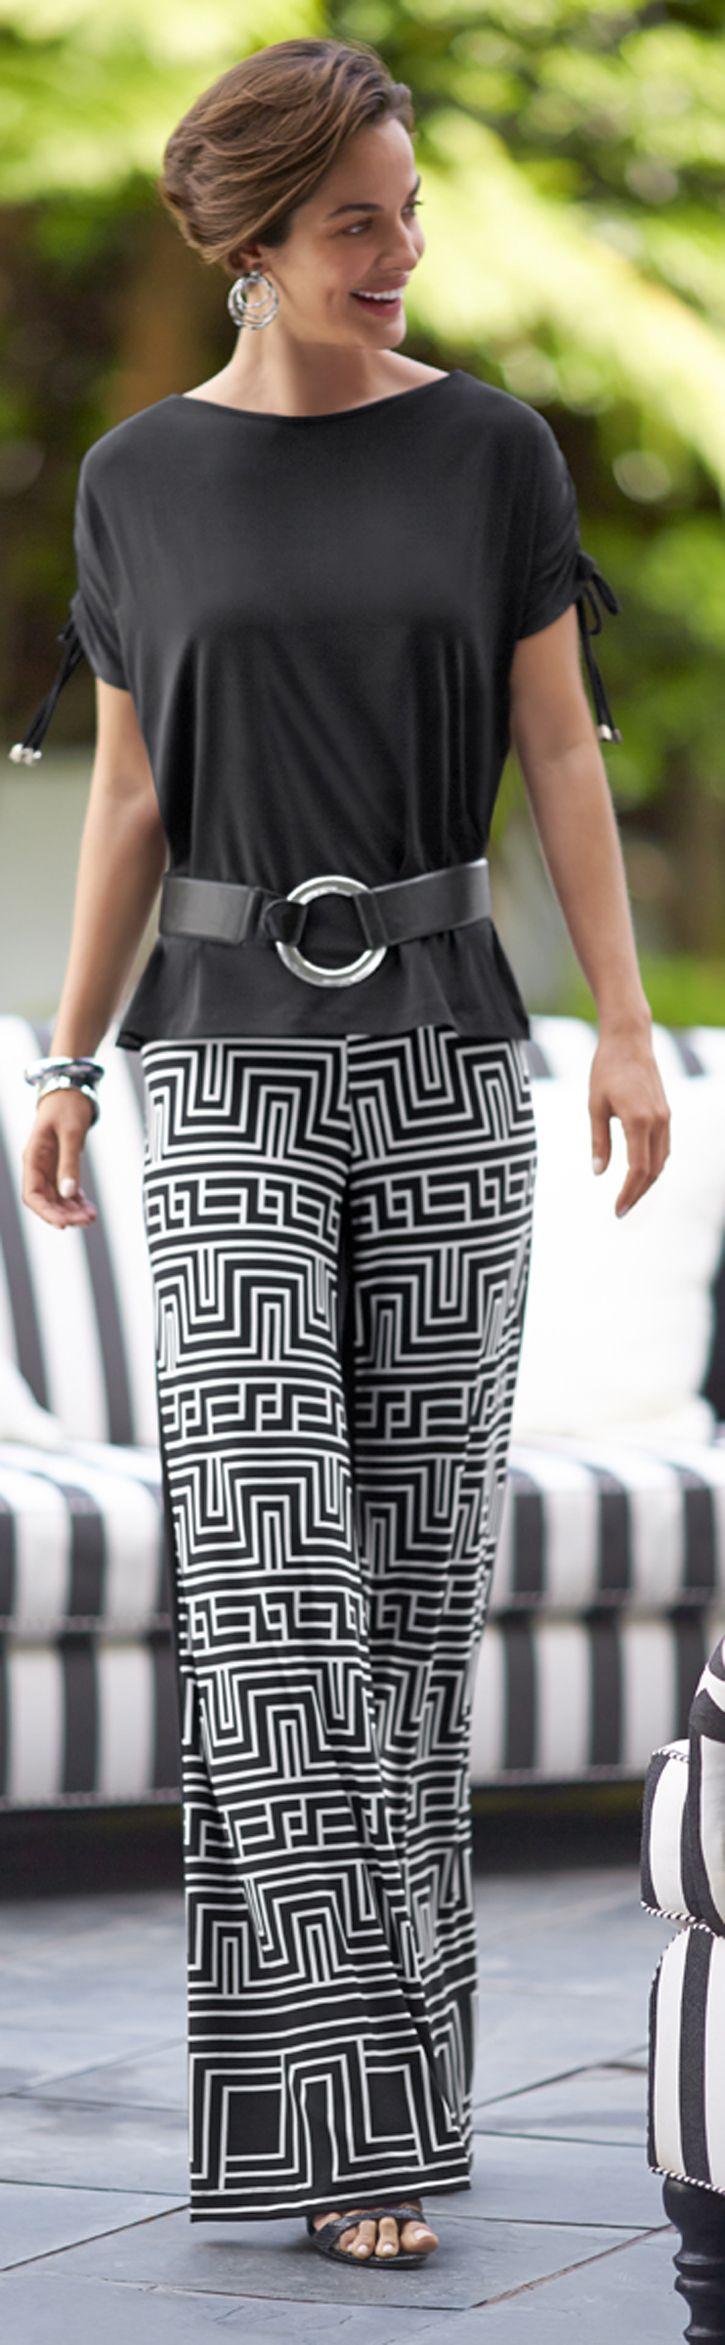 Pantalón palazo con diseño geométricos con blusa en color entero negro y como accesorio una correa, muy linda tenida.